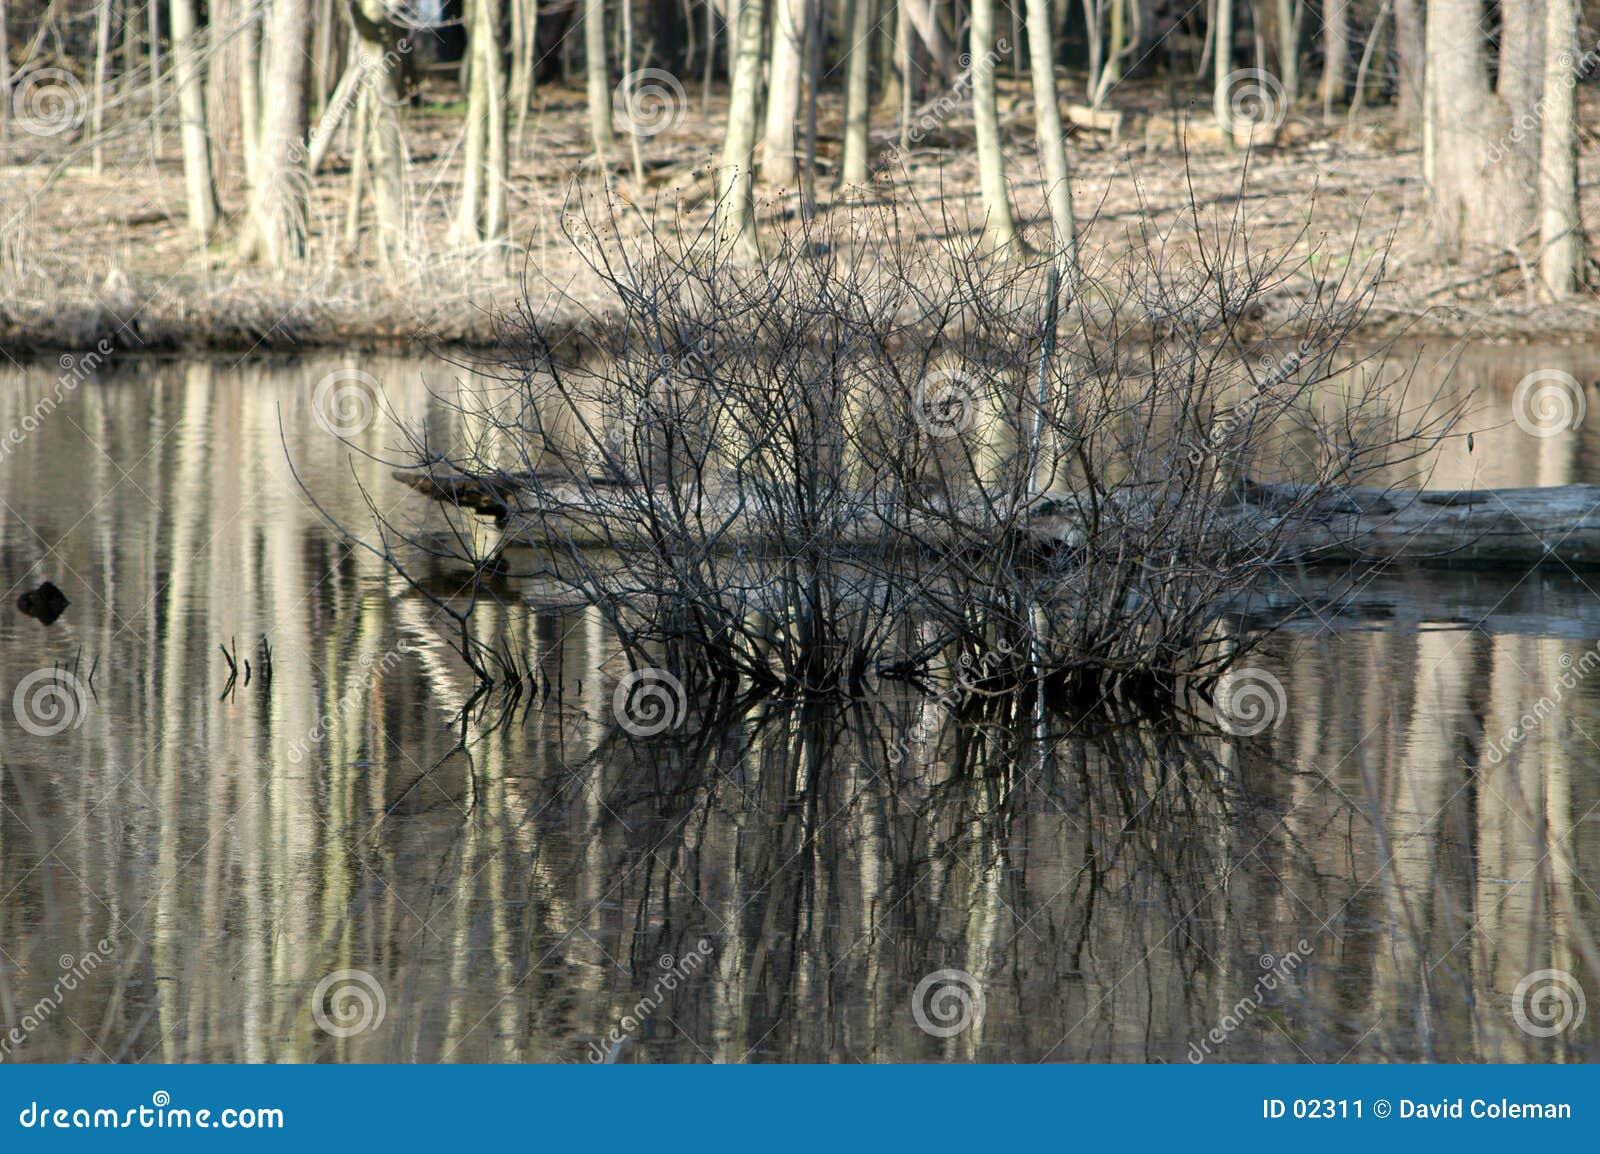 Bare bush in Pond